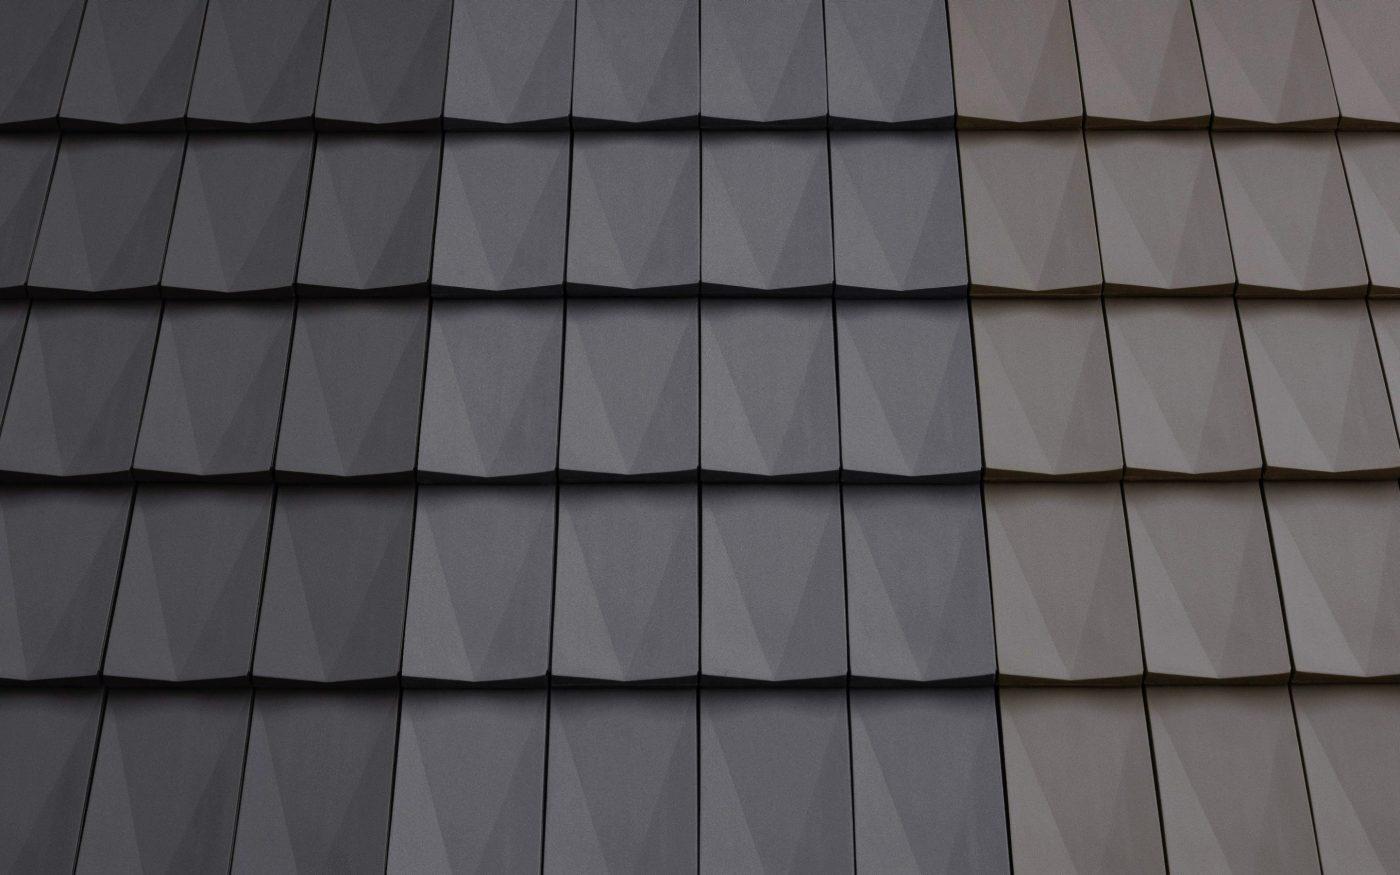 Dachówka Koramic V11 - kolory: Antracyt, Bazalt, Tytan